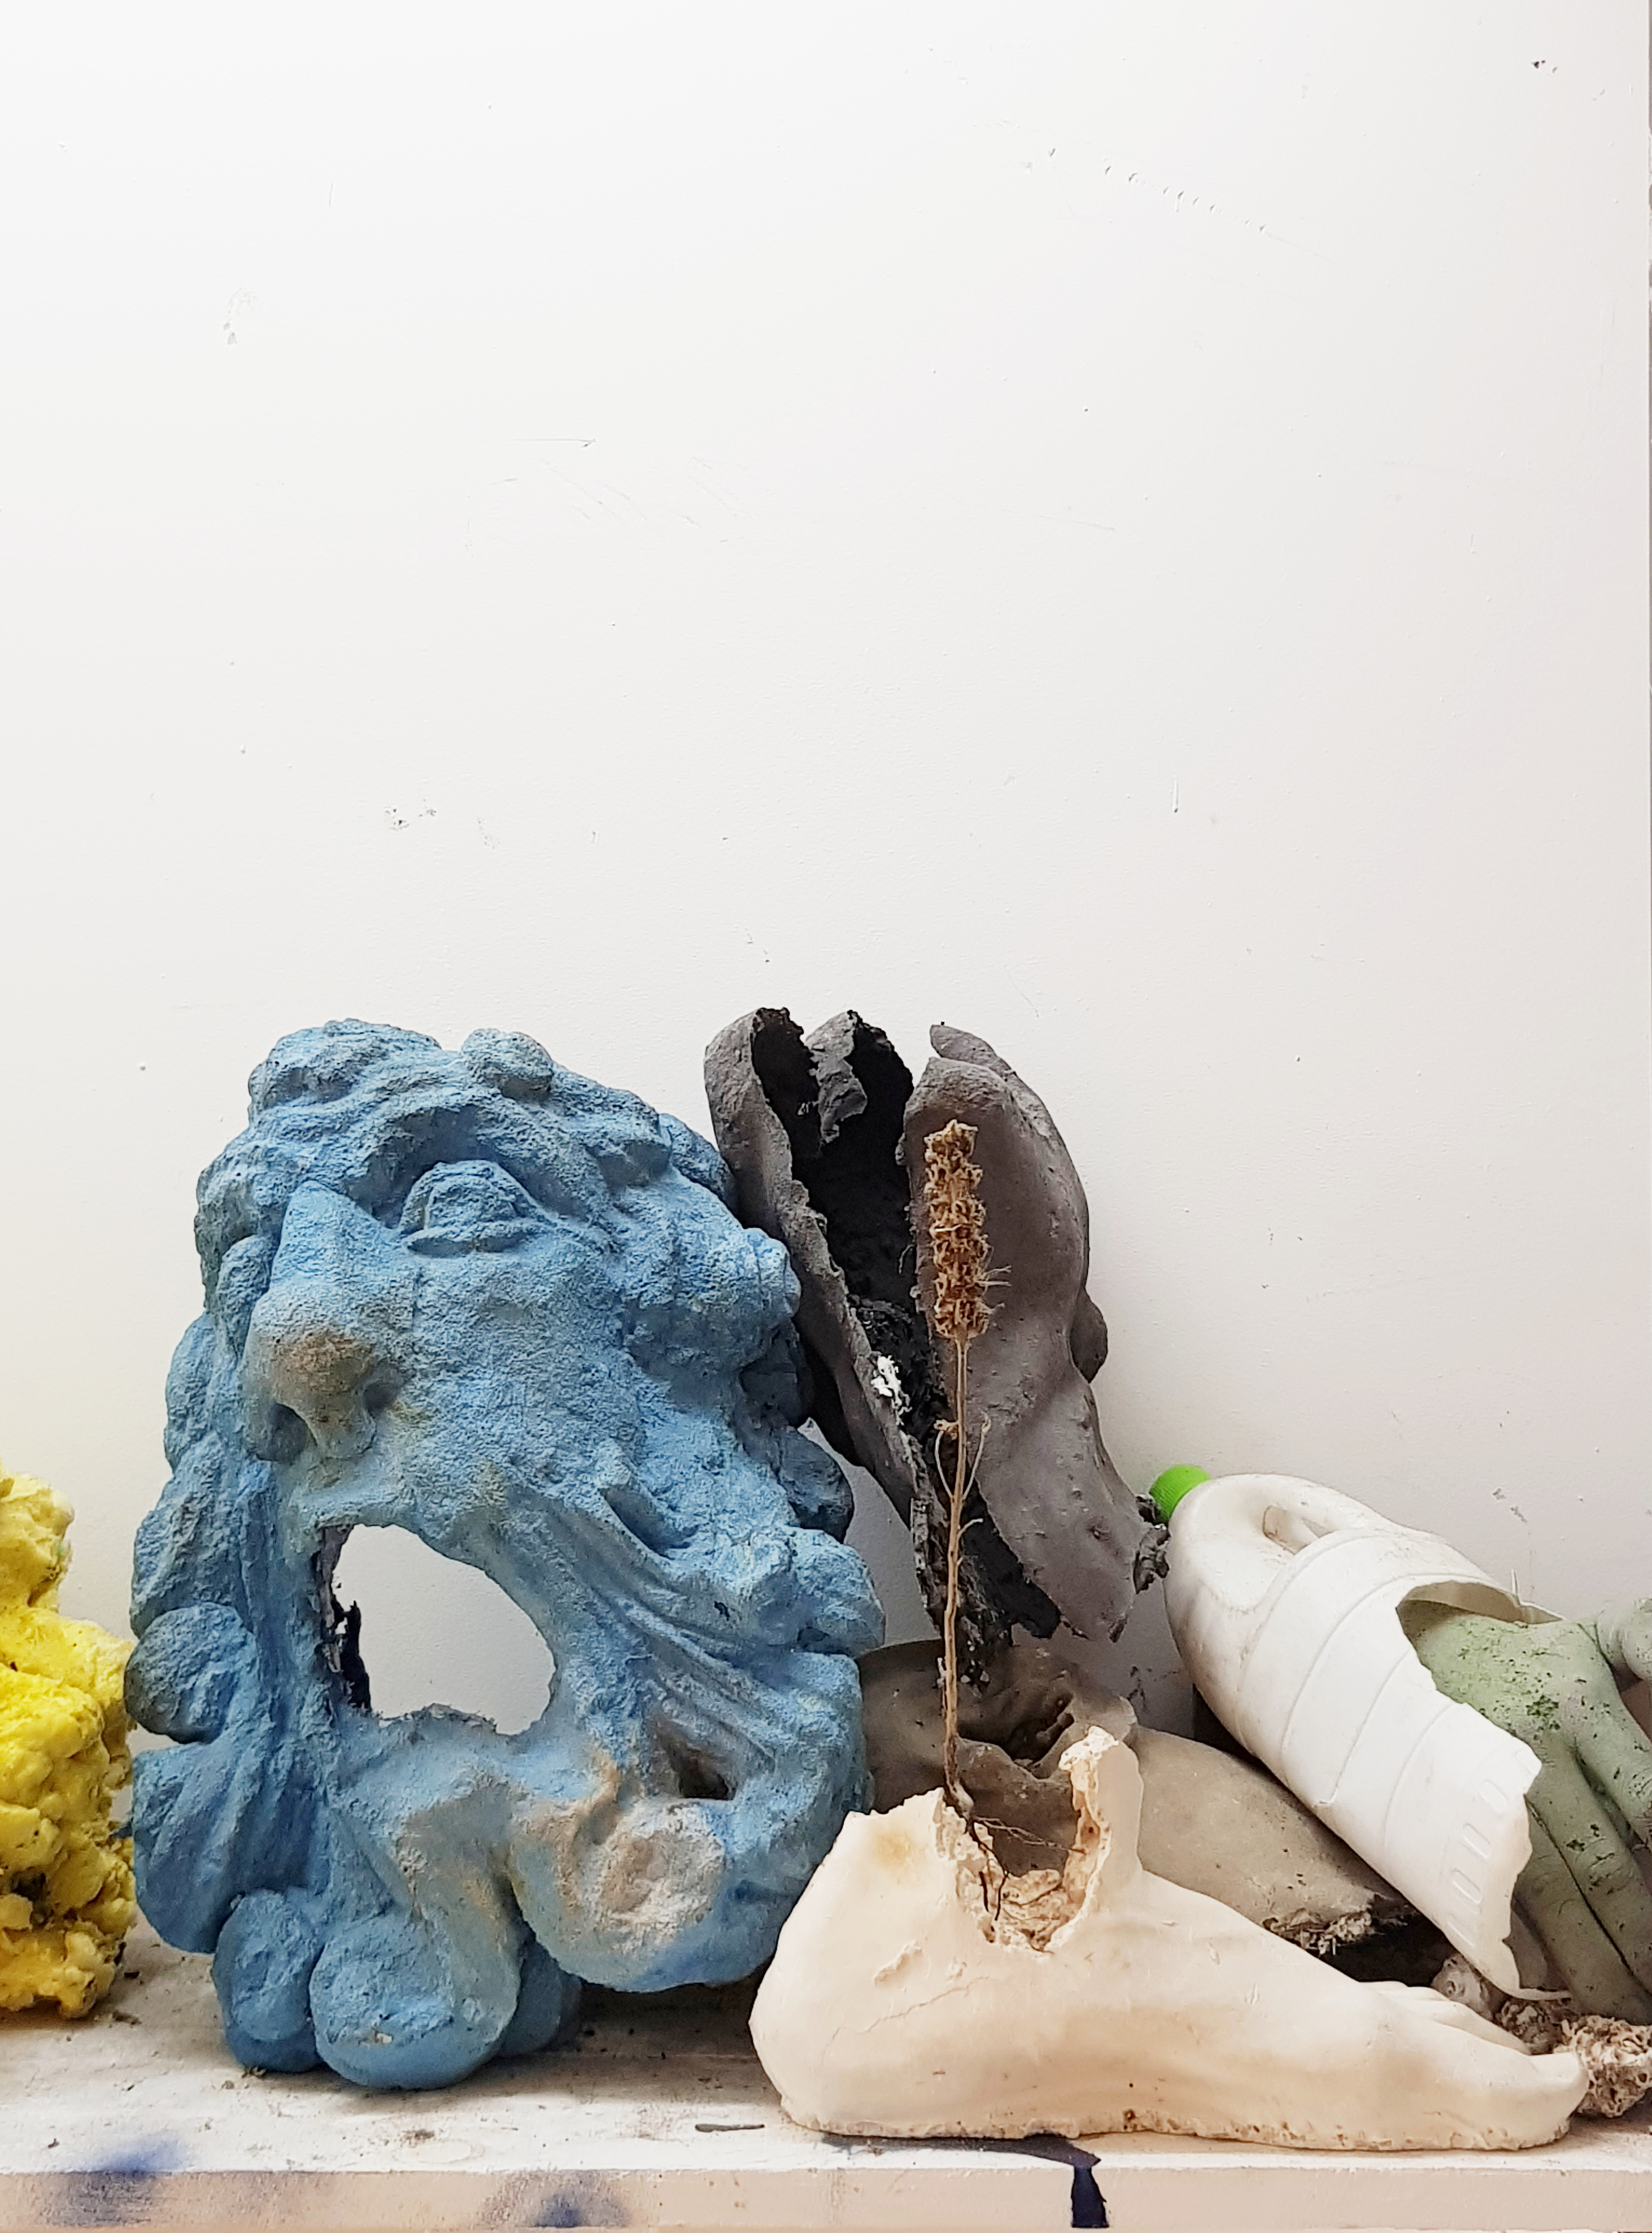 Présentation des œuvres créées par l'artiste plasticien Ugo Schiavi au cours de sa résidence arlésienne, qui a commencé au début de l'année 2021.